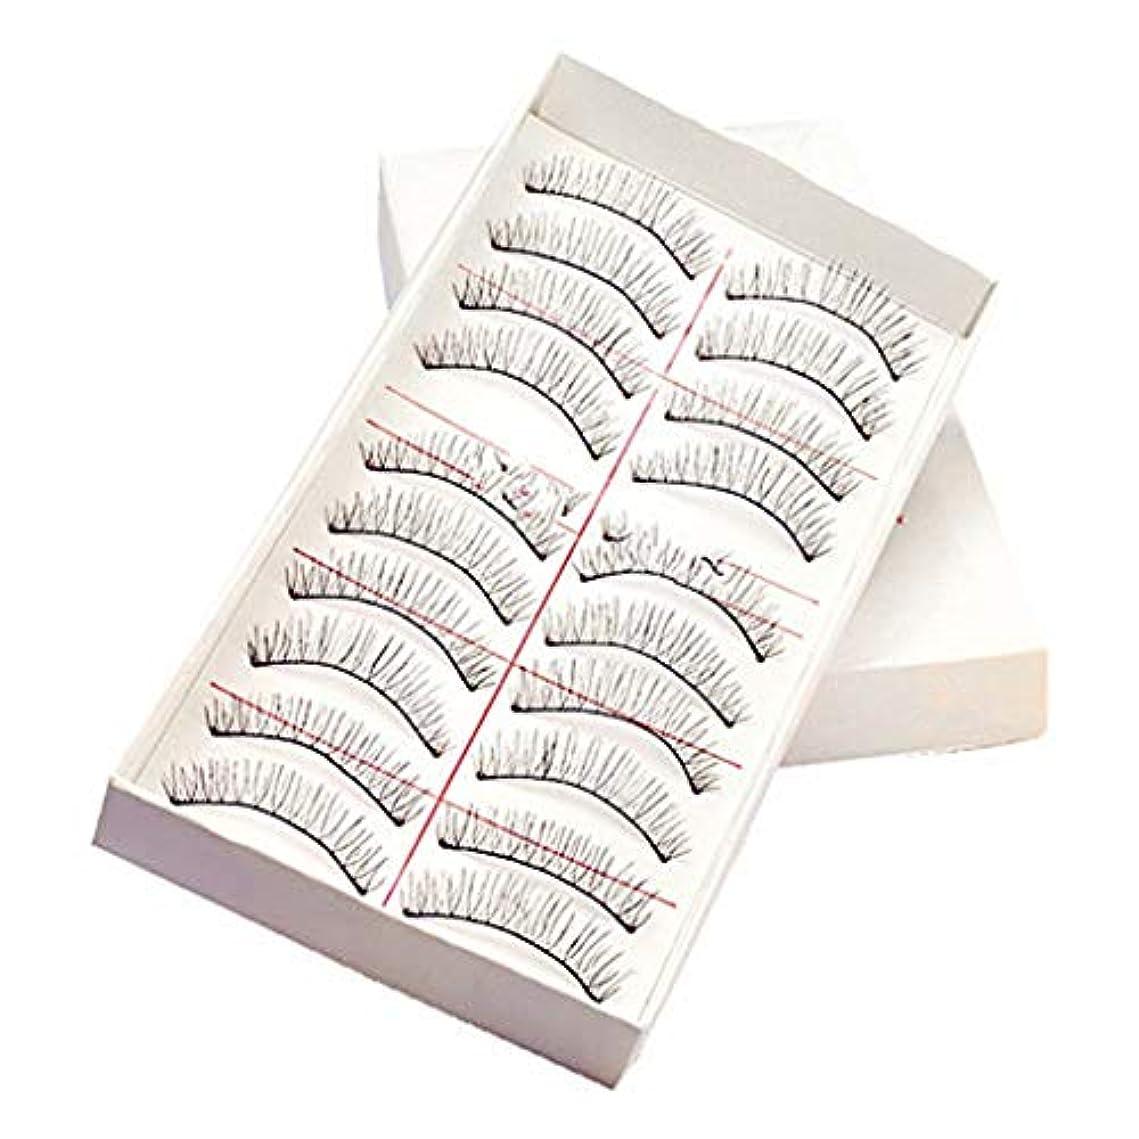 口実一握りかるFeteso 10ペアセット つけまつげ 上まつげ Eyelashes アイラッシュ ビューティー まつげエクステ レディース 化粧ツール アイメイクアップ 人気 ナチュラル 飾り ふんわり 装着簡単 綺麗 変身